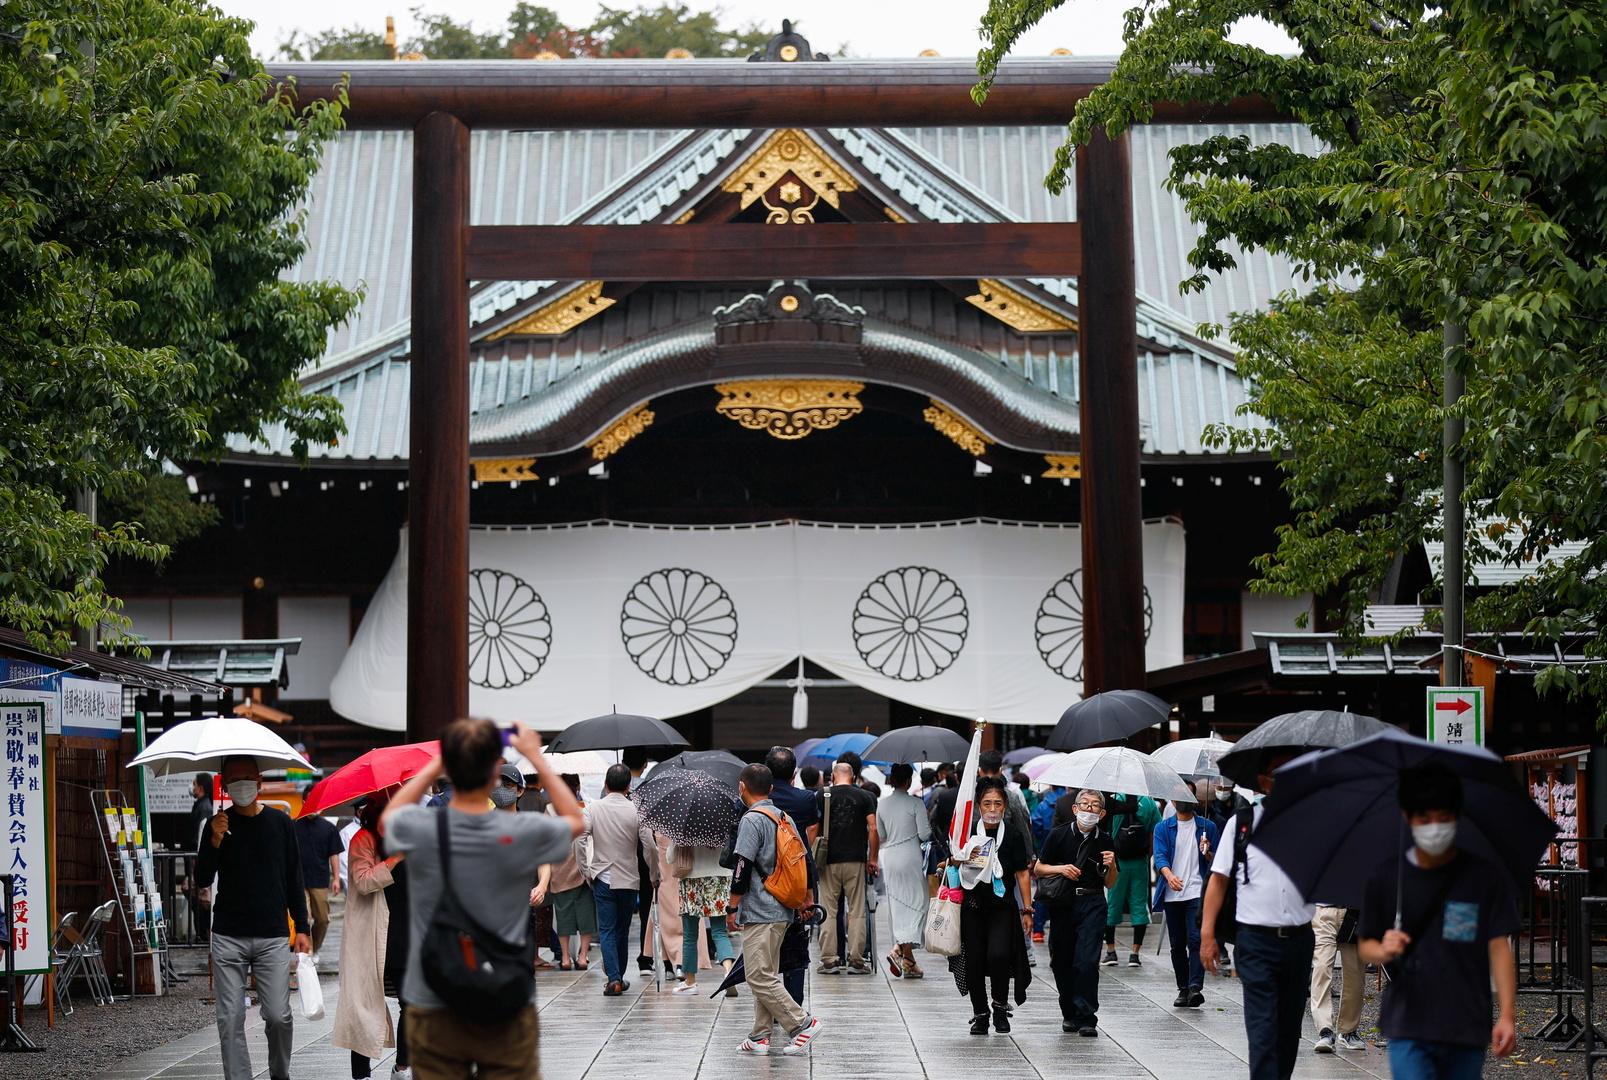 في خطوة قد تغضب الجيران.. رئيس وزراء اليابان يقدم هبة لمعبد مثير للجدل